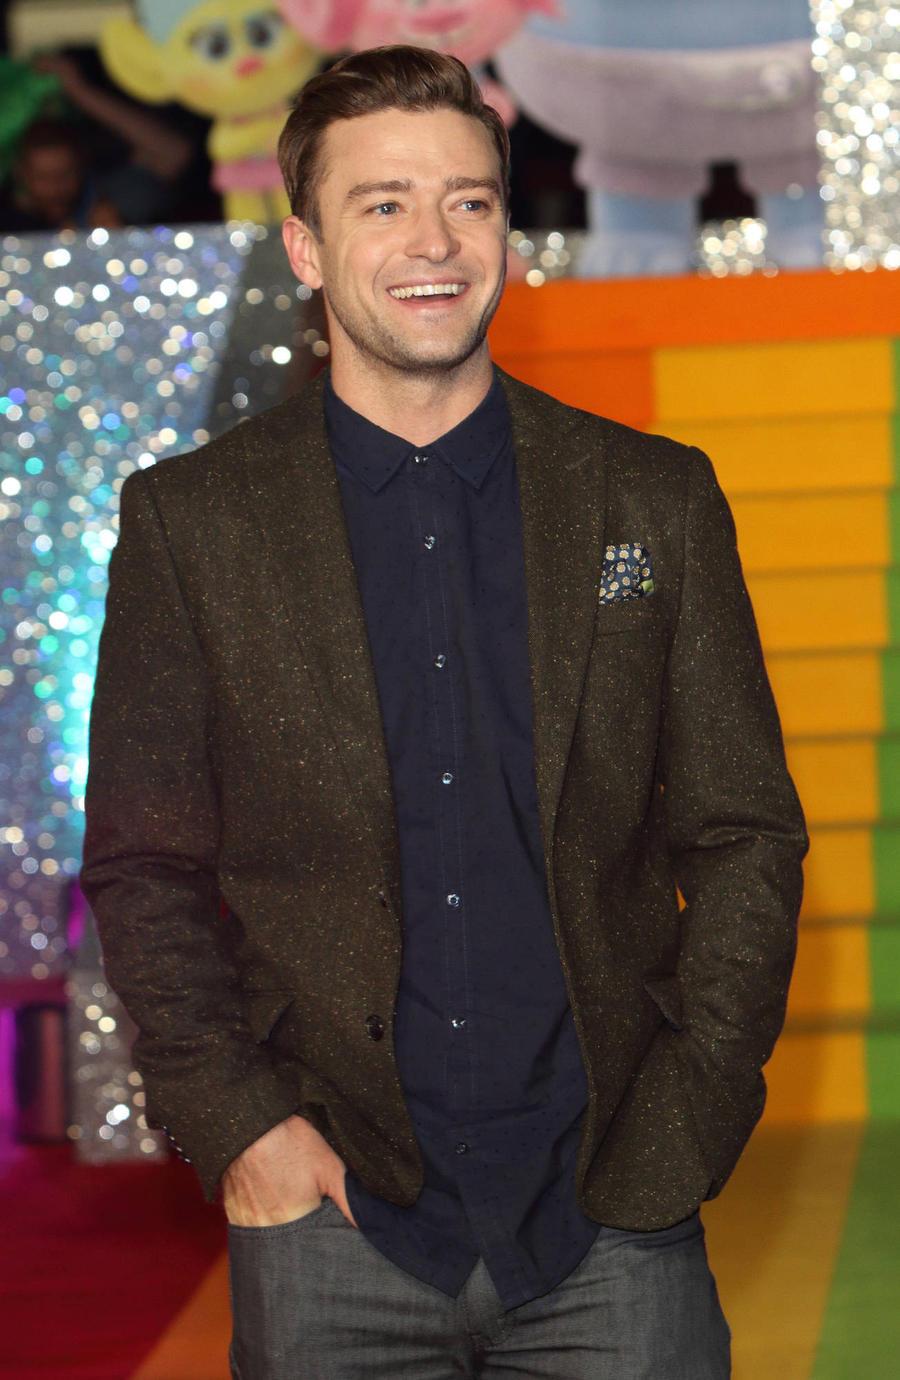 Justin Timberlake Dedicates Concert Film To Prince